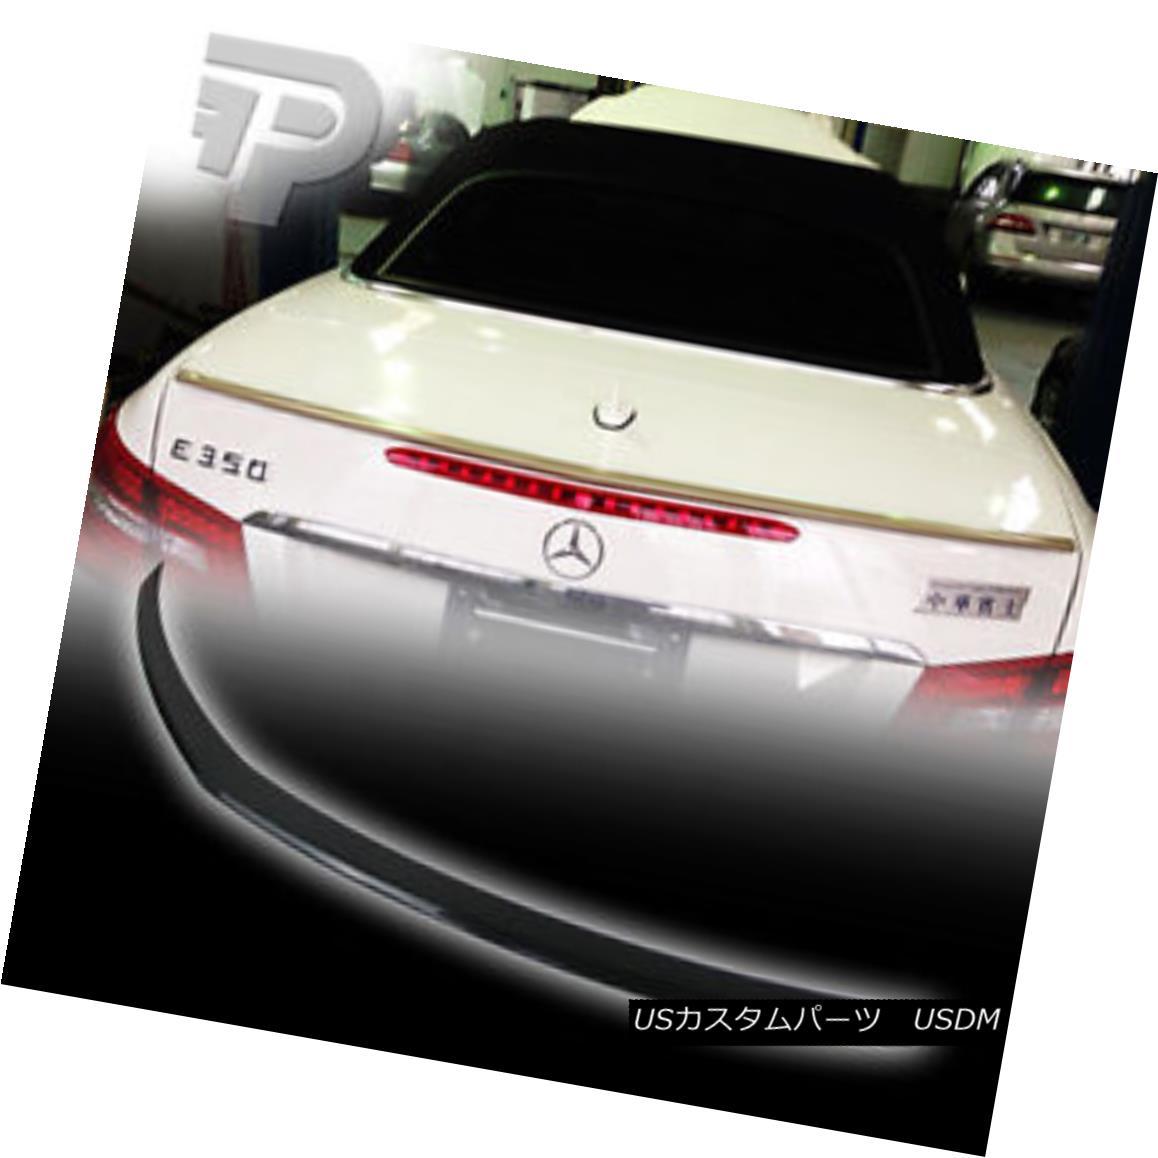 エアロパーツ PAINTED Mercedes BENZ C207 COUPE A TYPE TRUNK SPOILER REAR BOOT 197 BLACK ▼ ペイントされたメルセデスベンツC207カップリングAタイプのトランクスポイラーリアブーツ197ブラック?